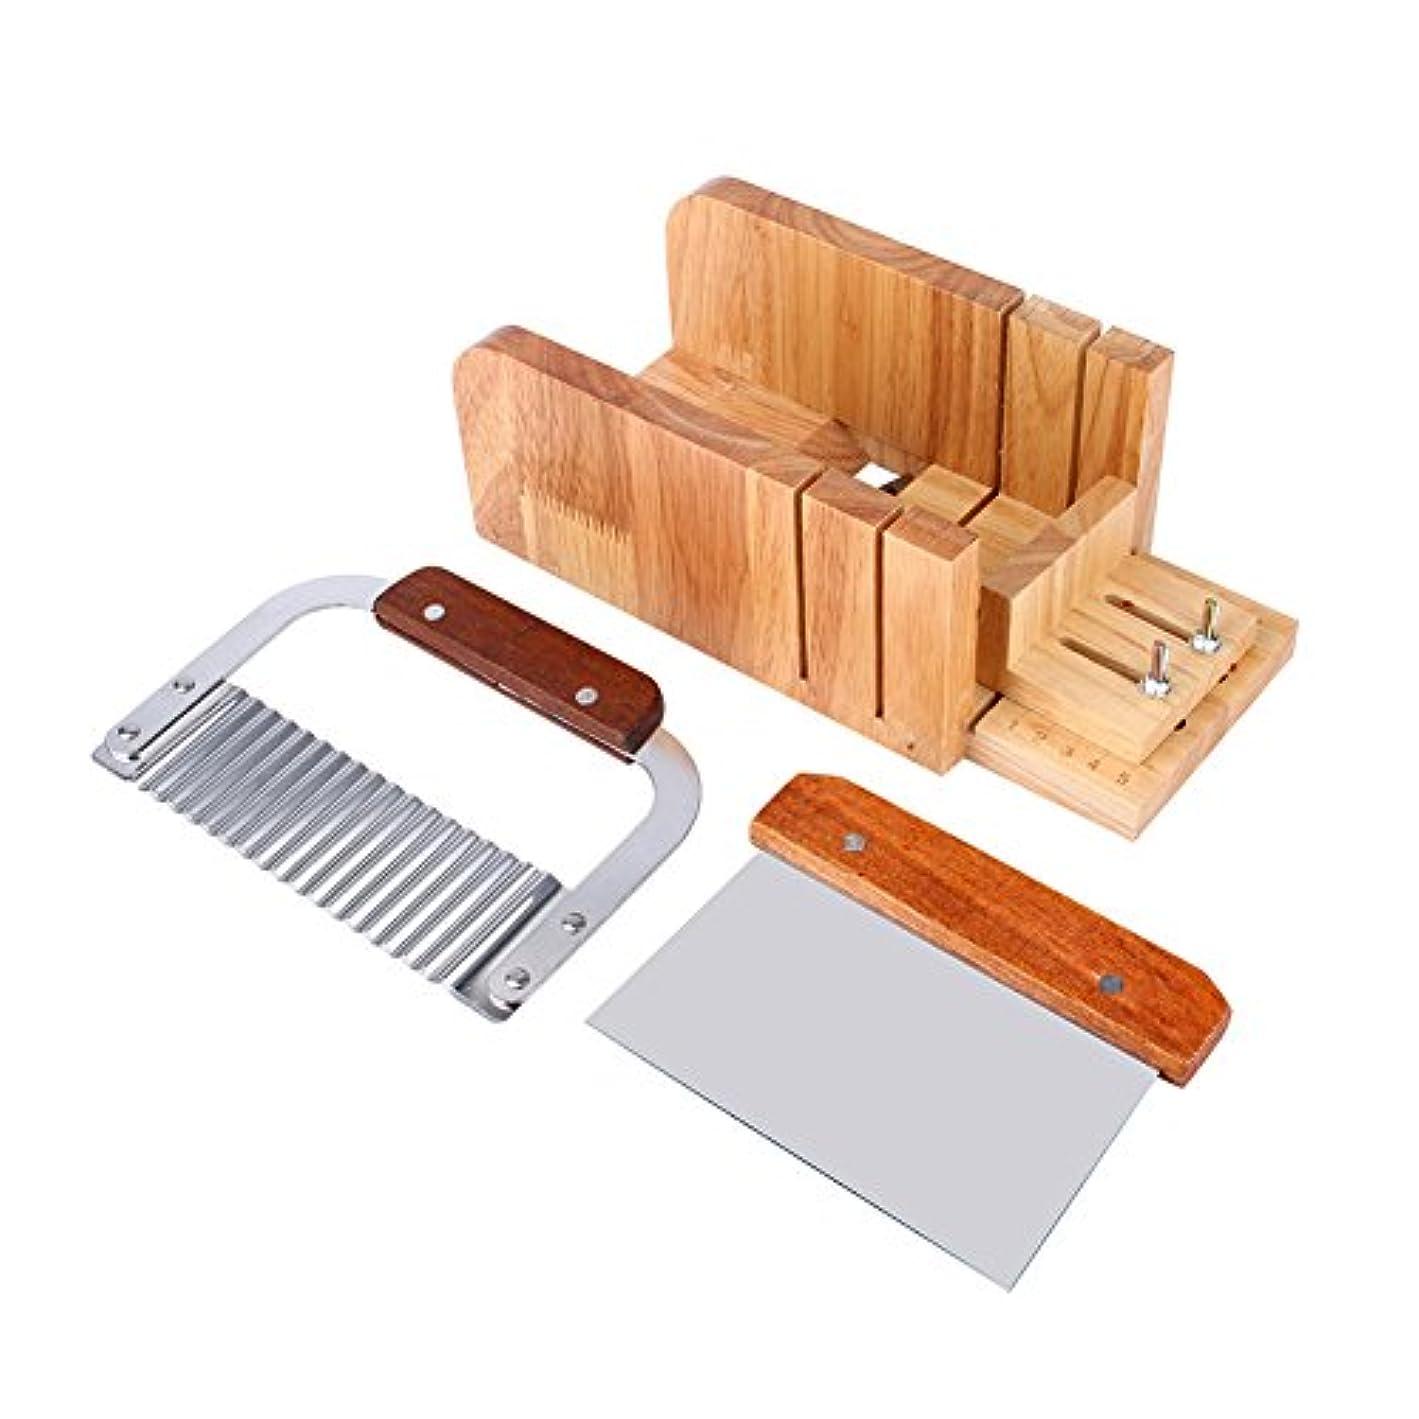 テクニカル望ましい渦3点セット ソープカッター 石けん金型ソープロープ カッター 木製 カッター ツールDIY 手作り 木製ボックス松木製 ストレートソープ包丁 ナイフ モールドソープ調整可能レトロ